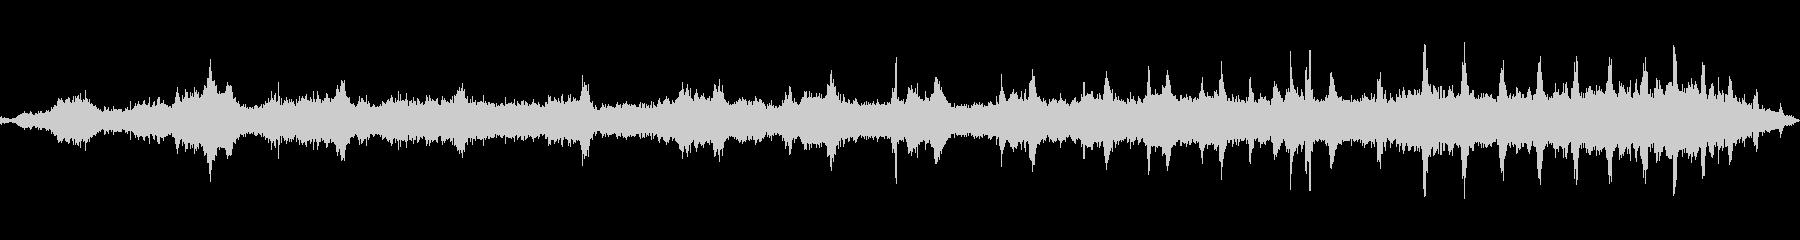 フレームドラムMtlスクレイプ2の未再生の波形